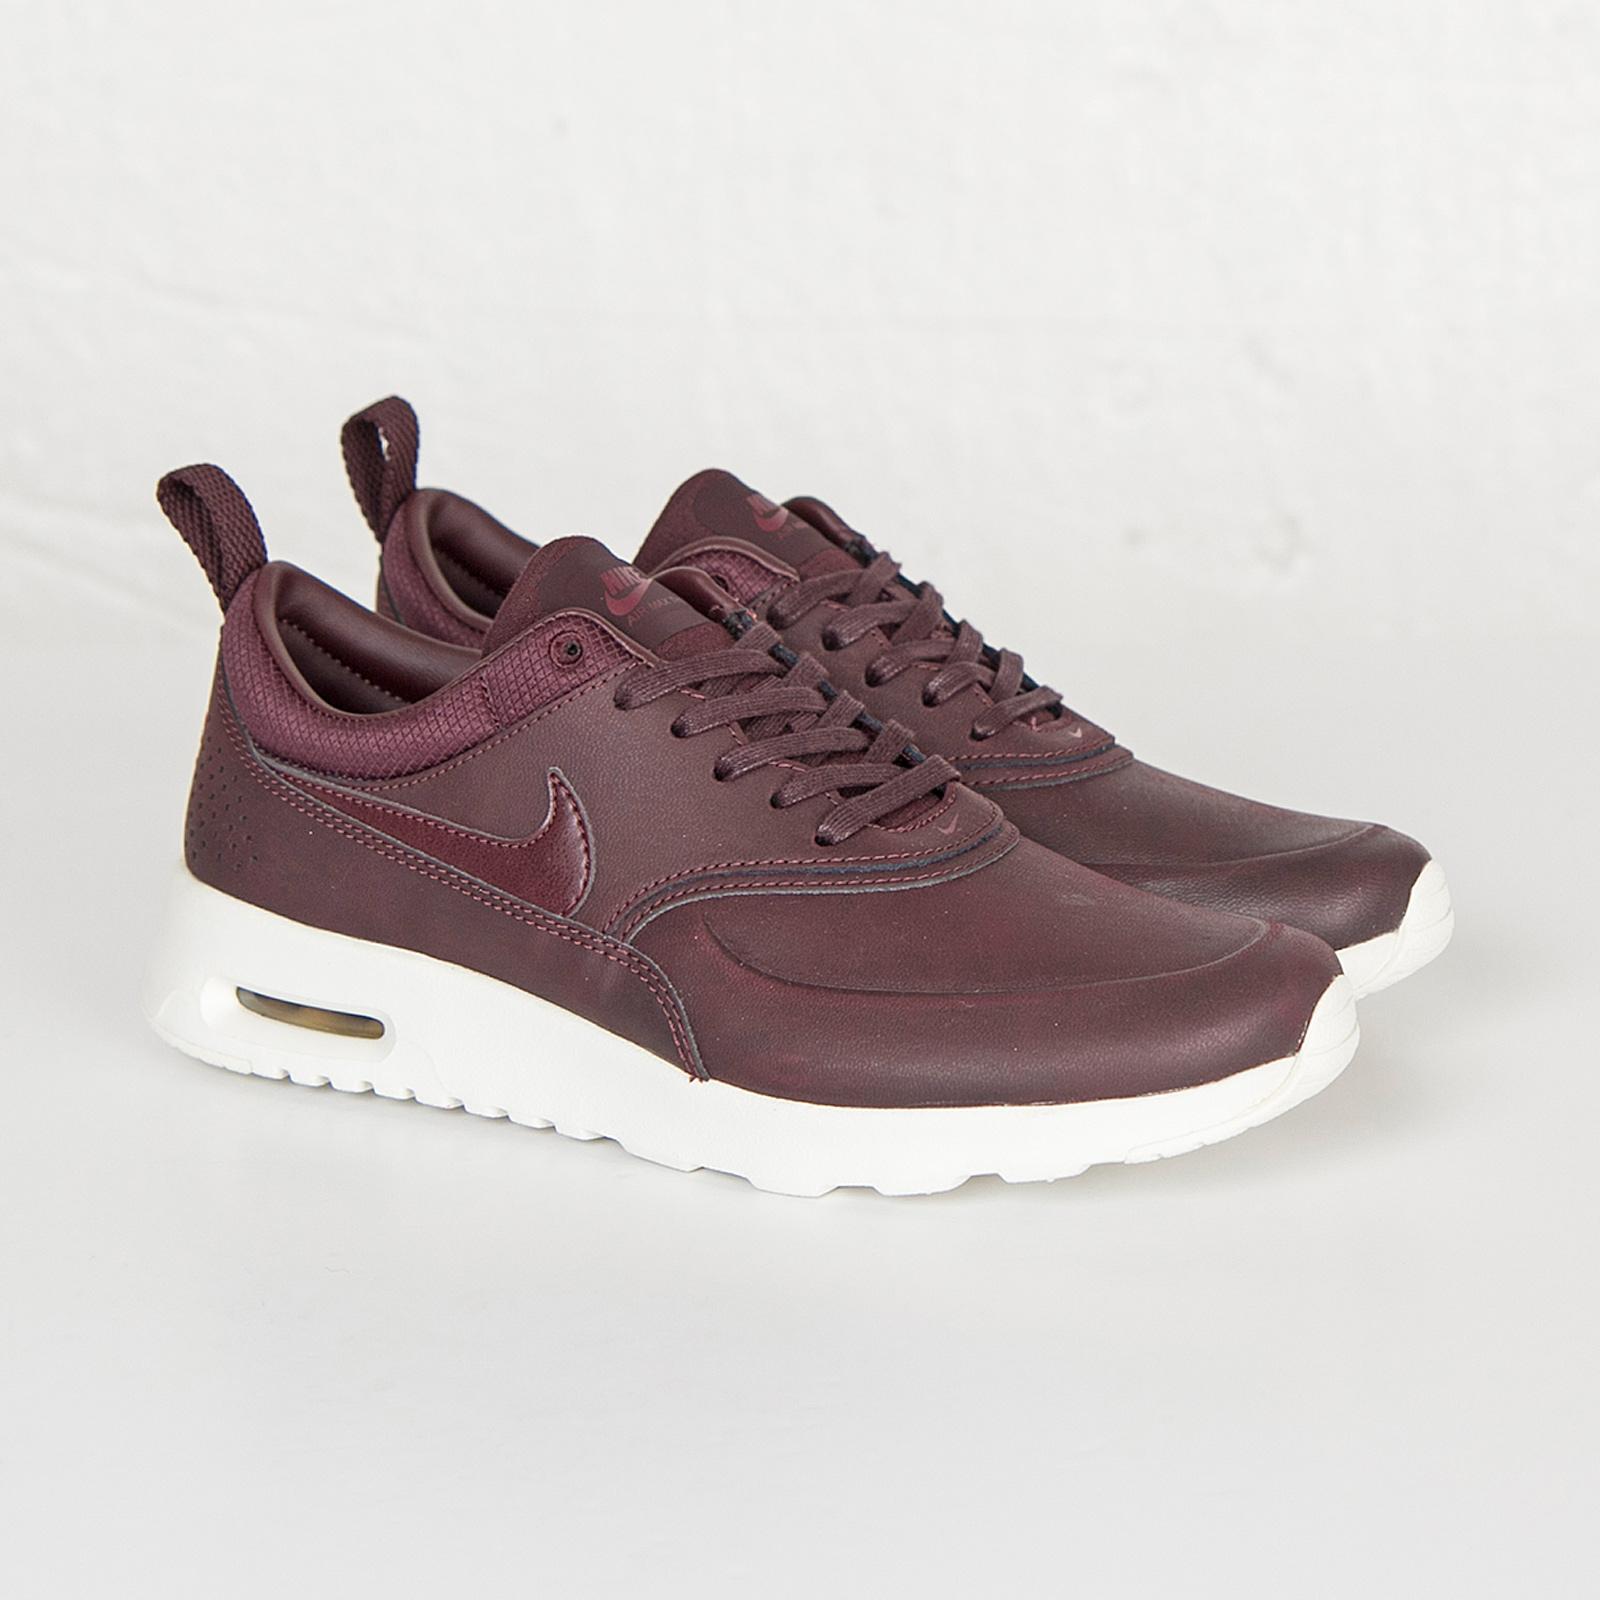 new style a64ac e4b56 Nike Wmns Air Max Thea Premium